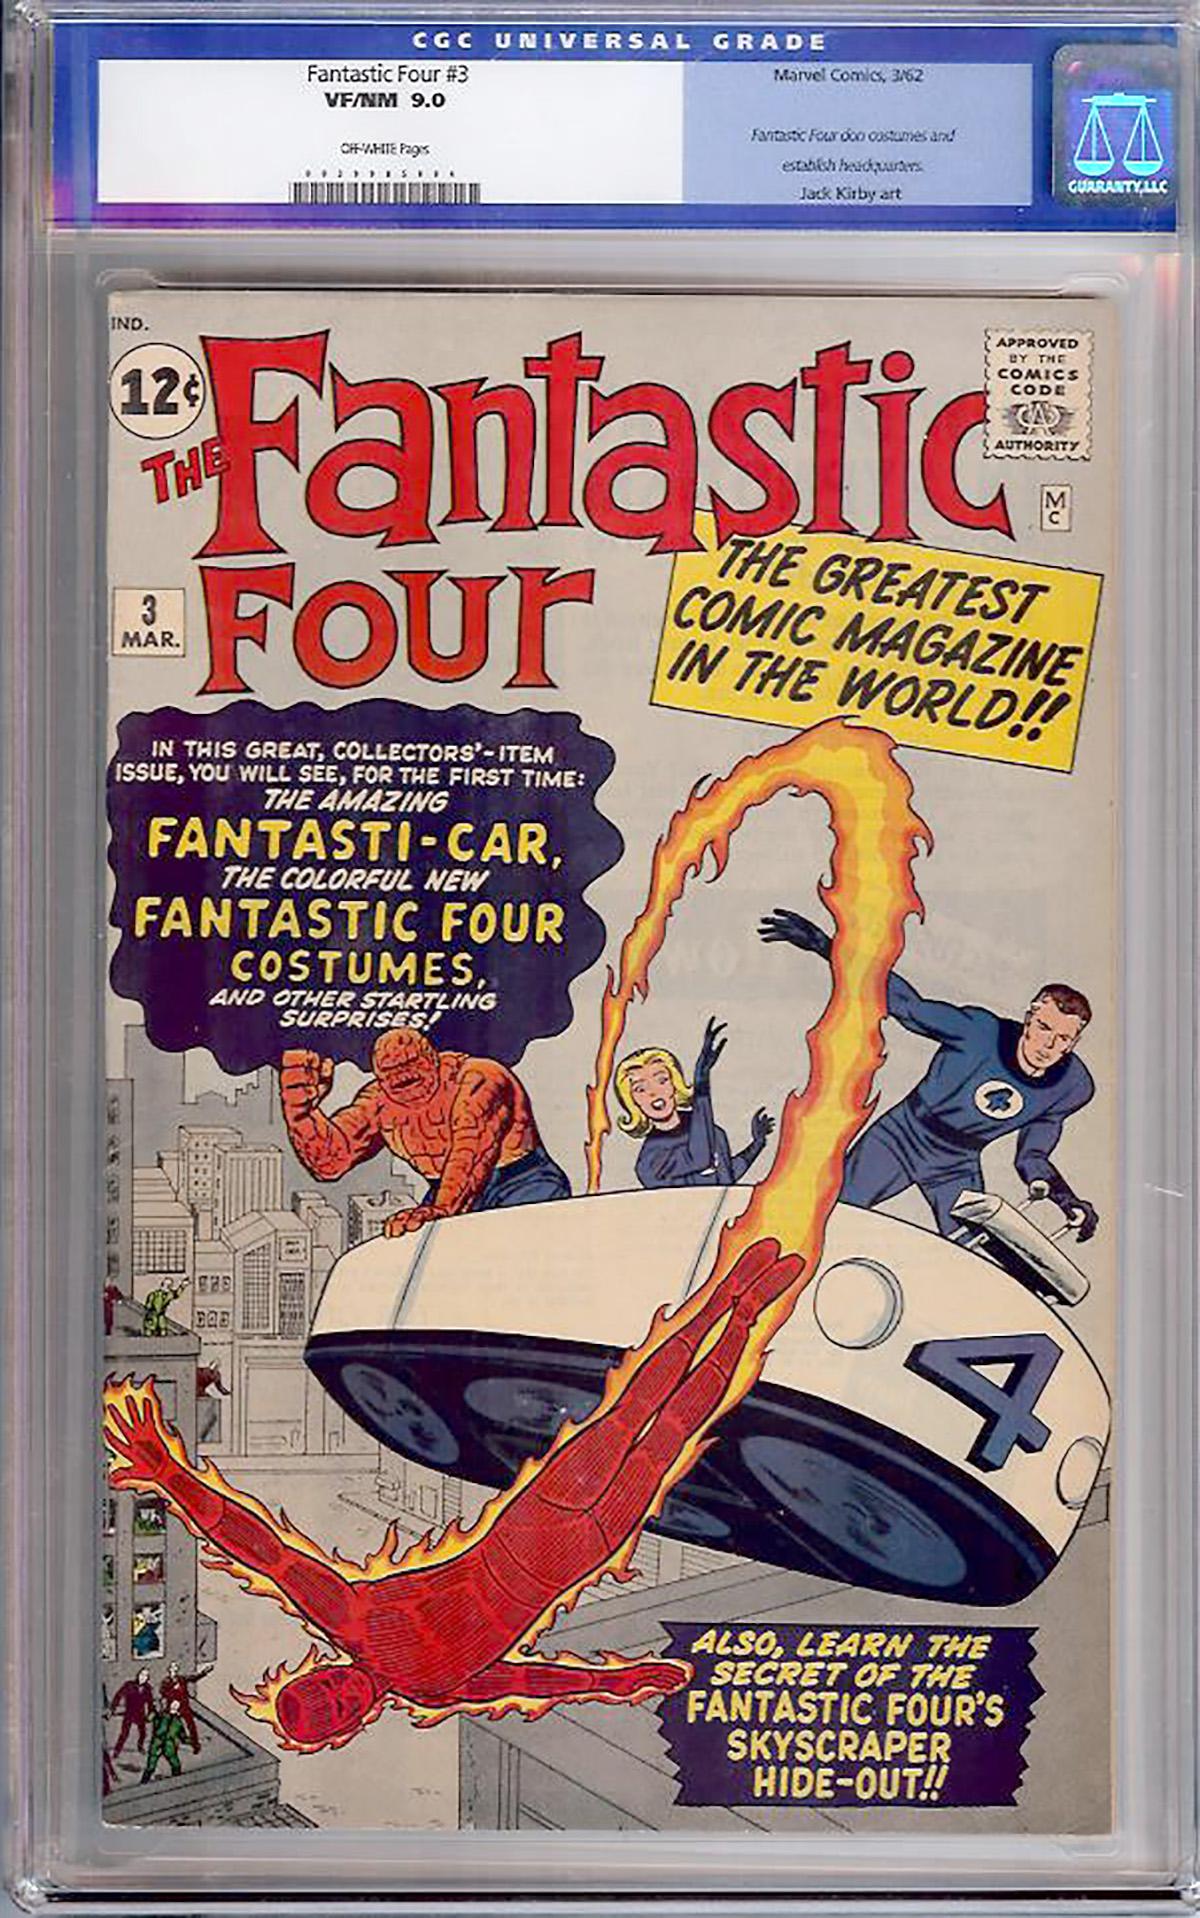 Fantastic Four #3 CGC 9.0 ow